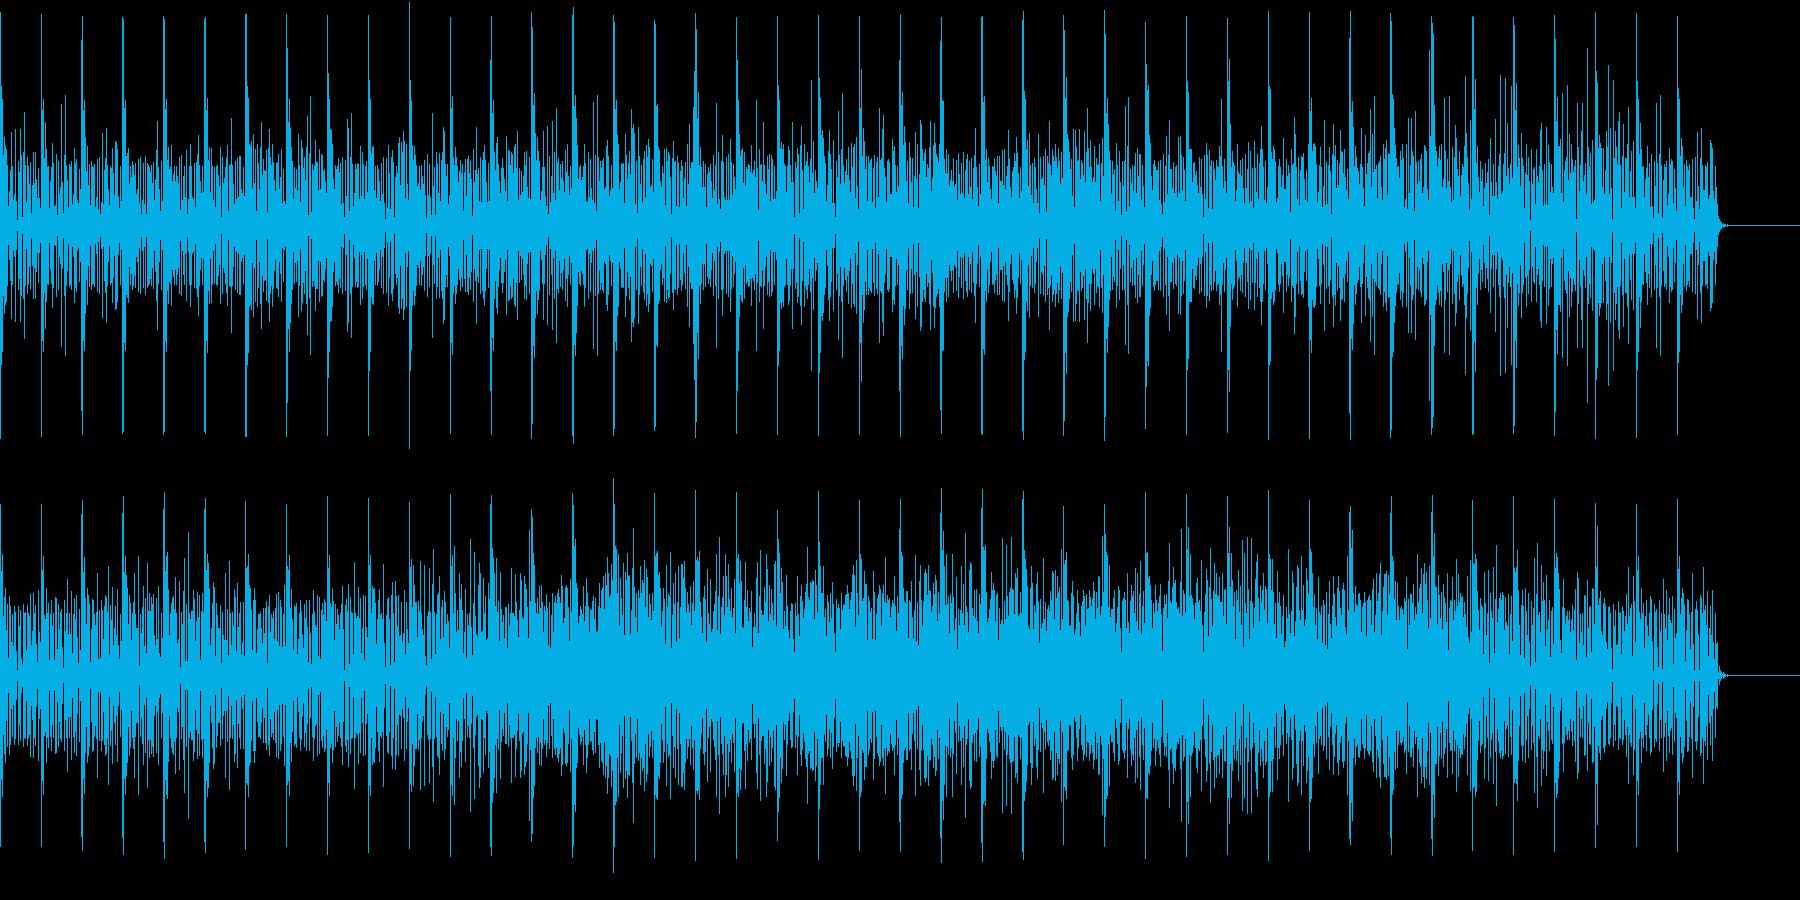 民族音楽テイストの曲です。の再生済みの波形